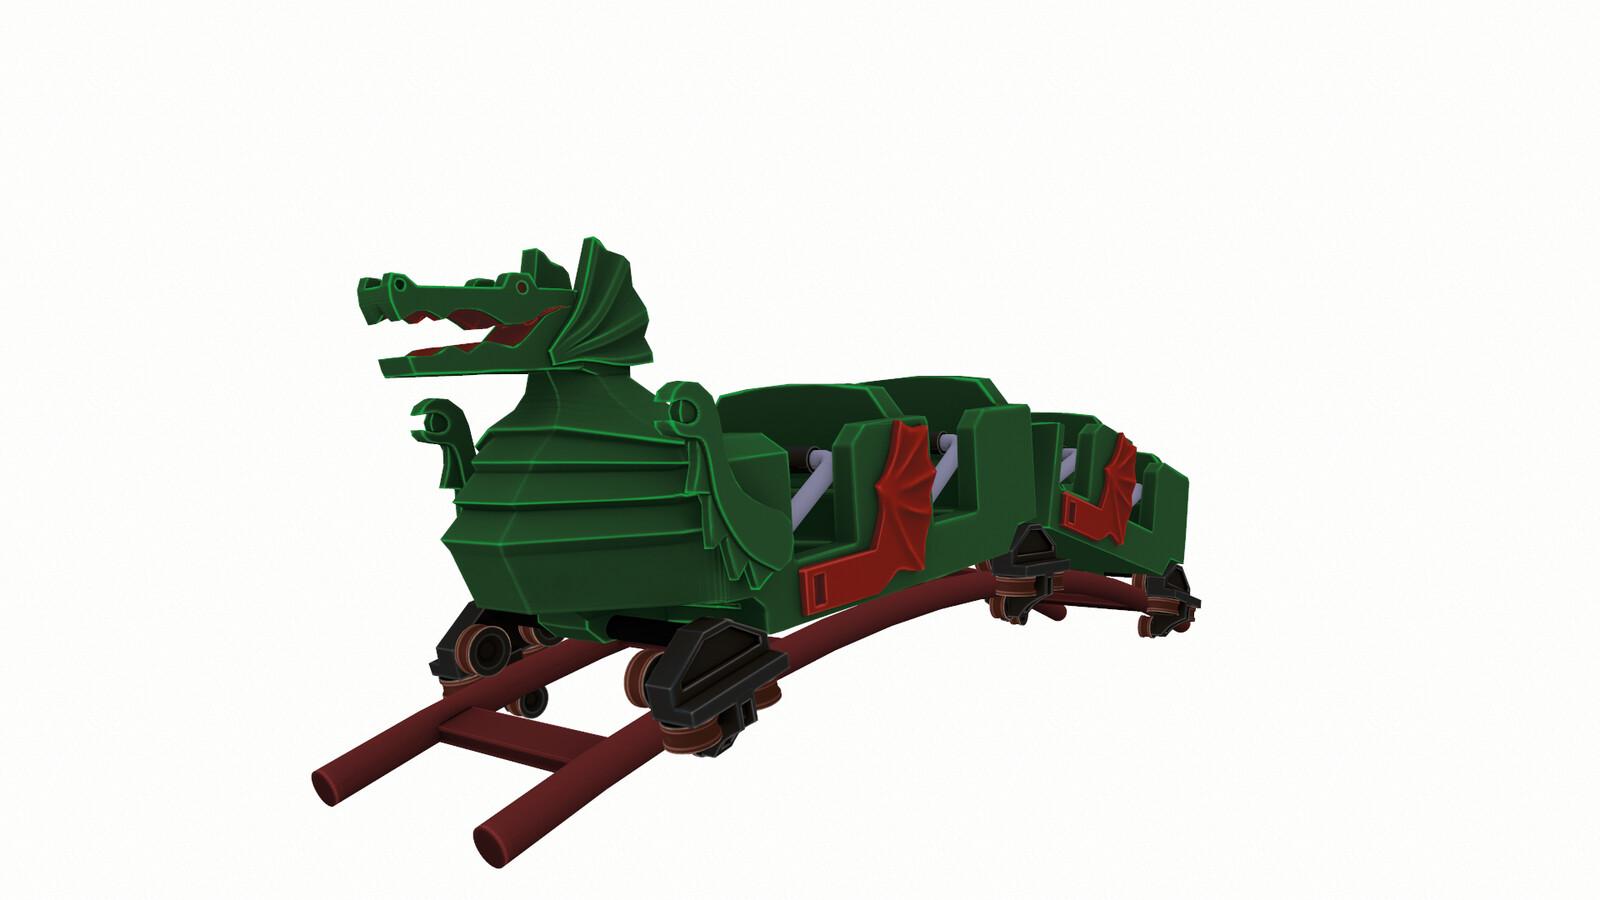 Lego Dragon Rollercoaster